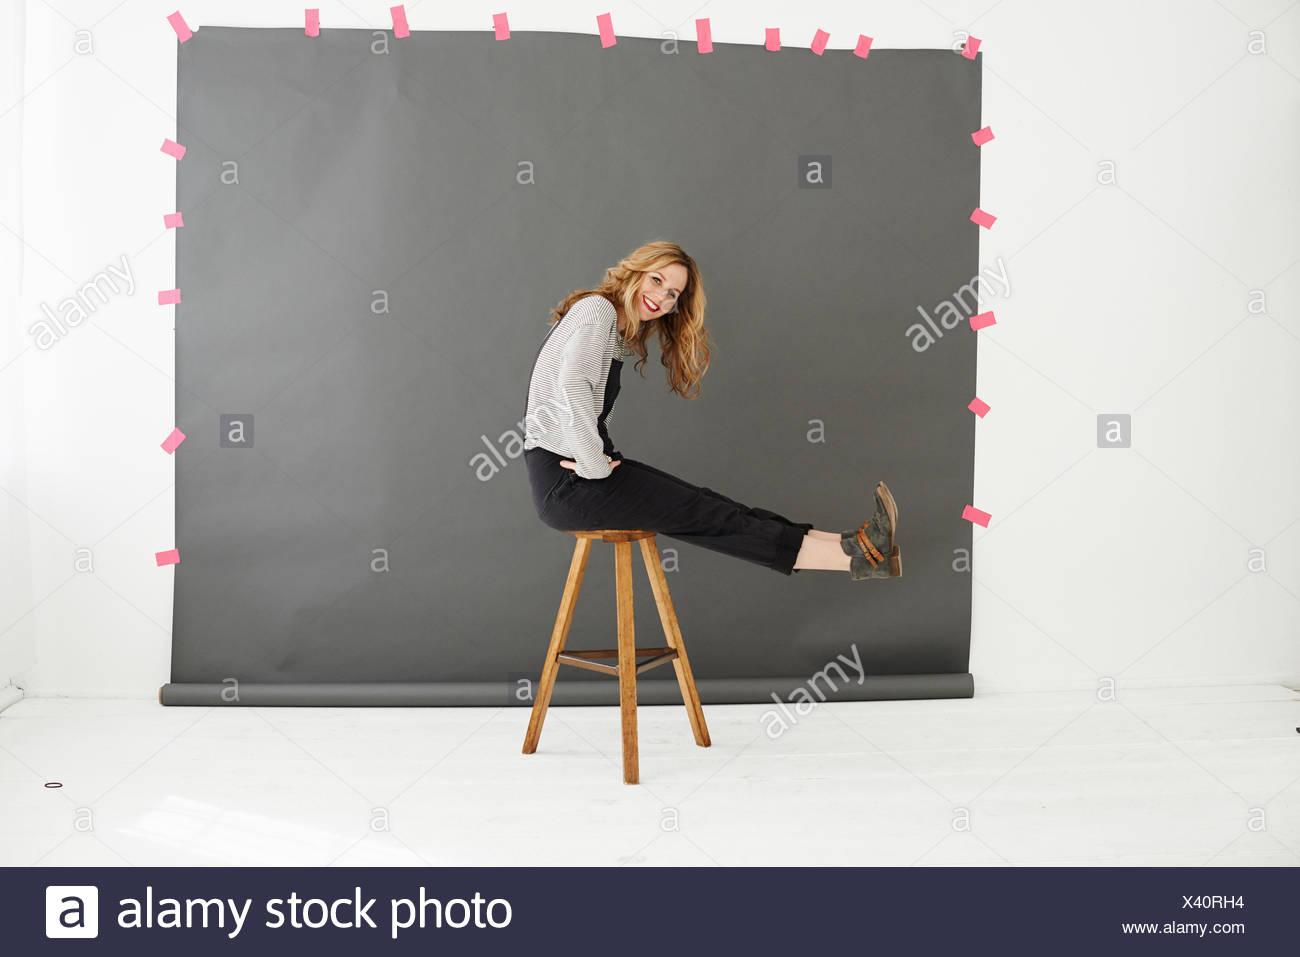 Donna su uno sgabello davanti dei fotografi di sfondo foto